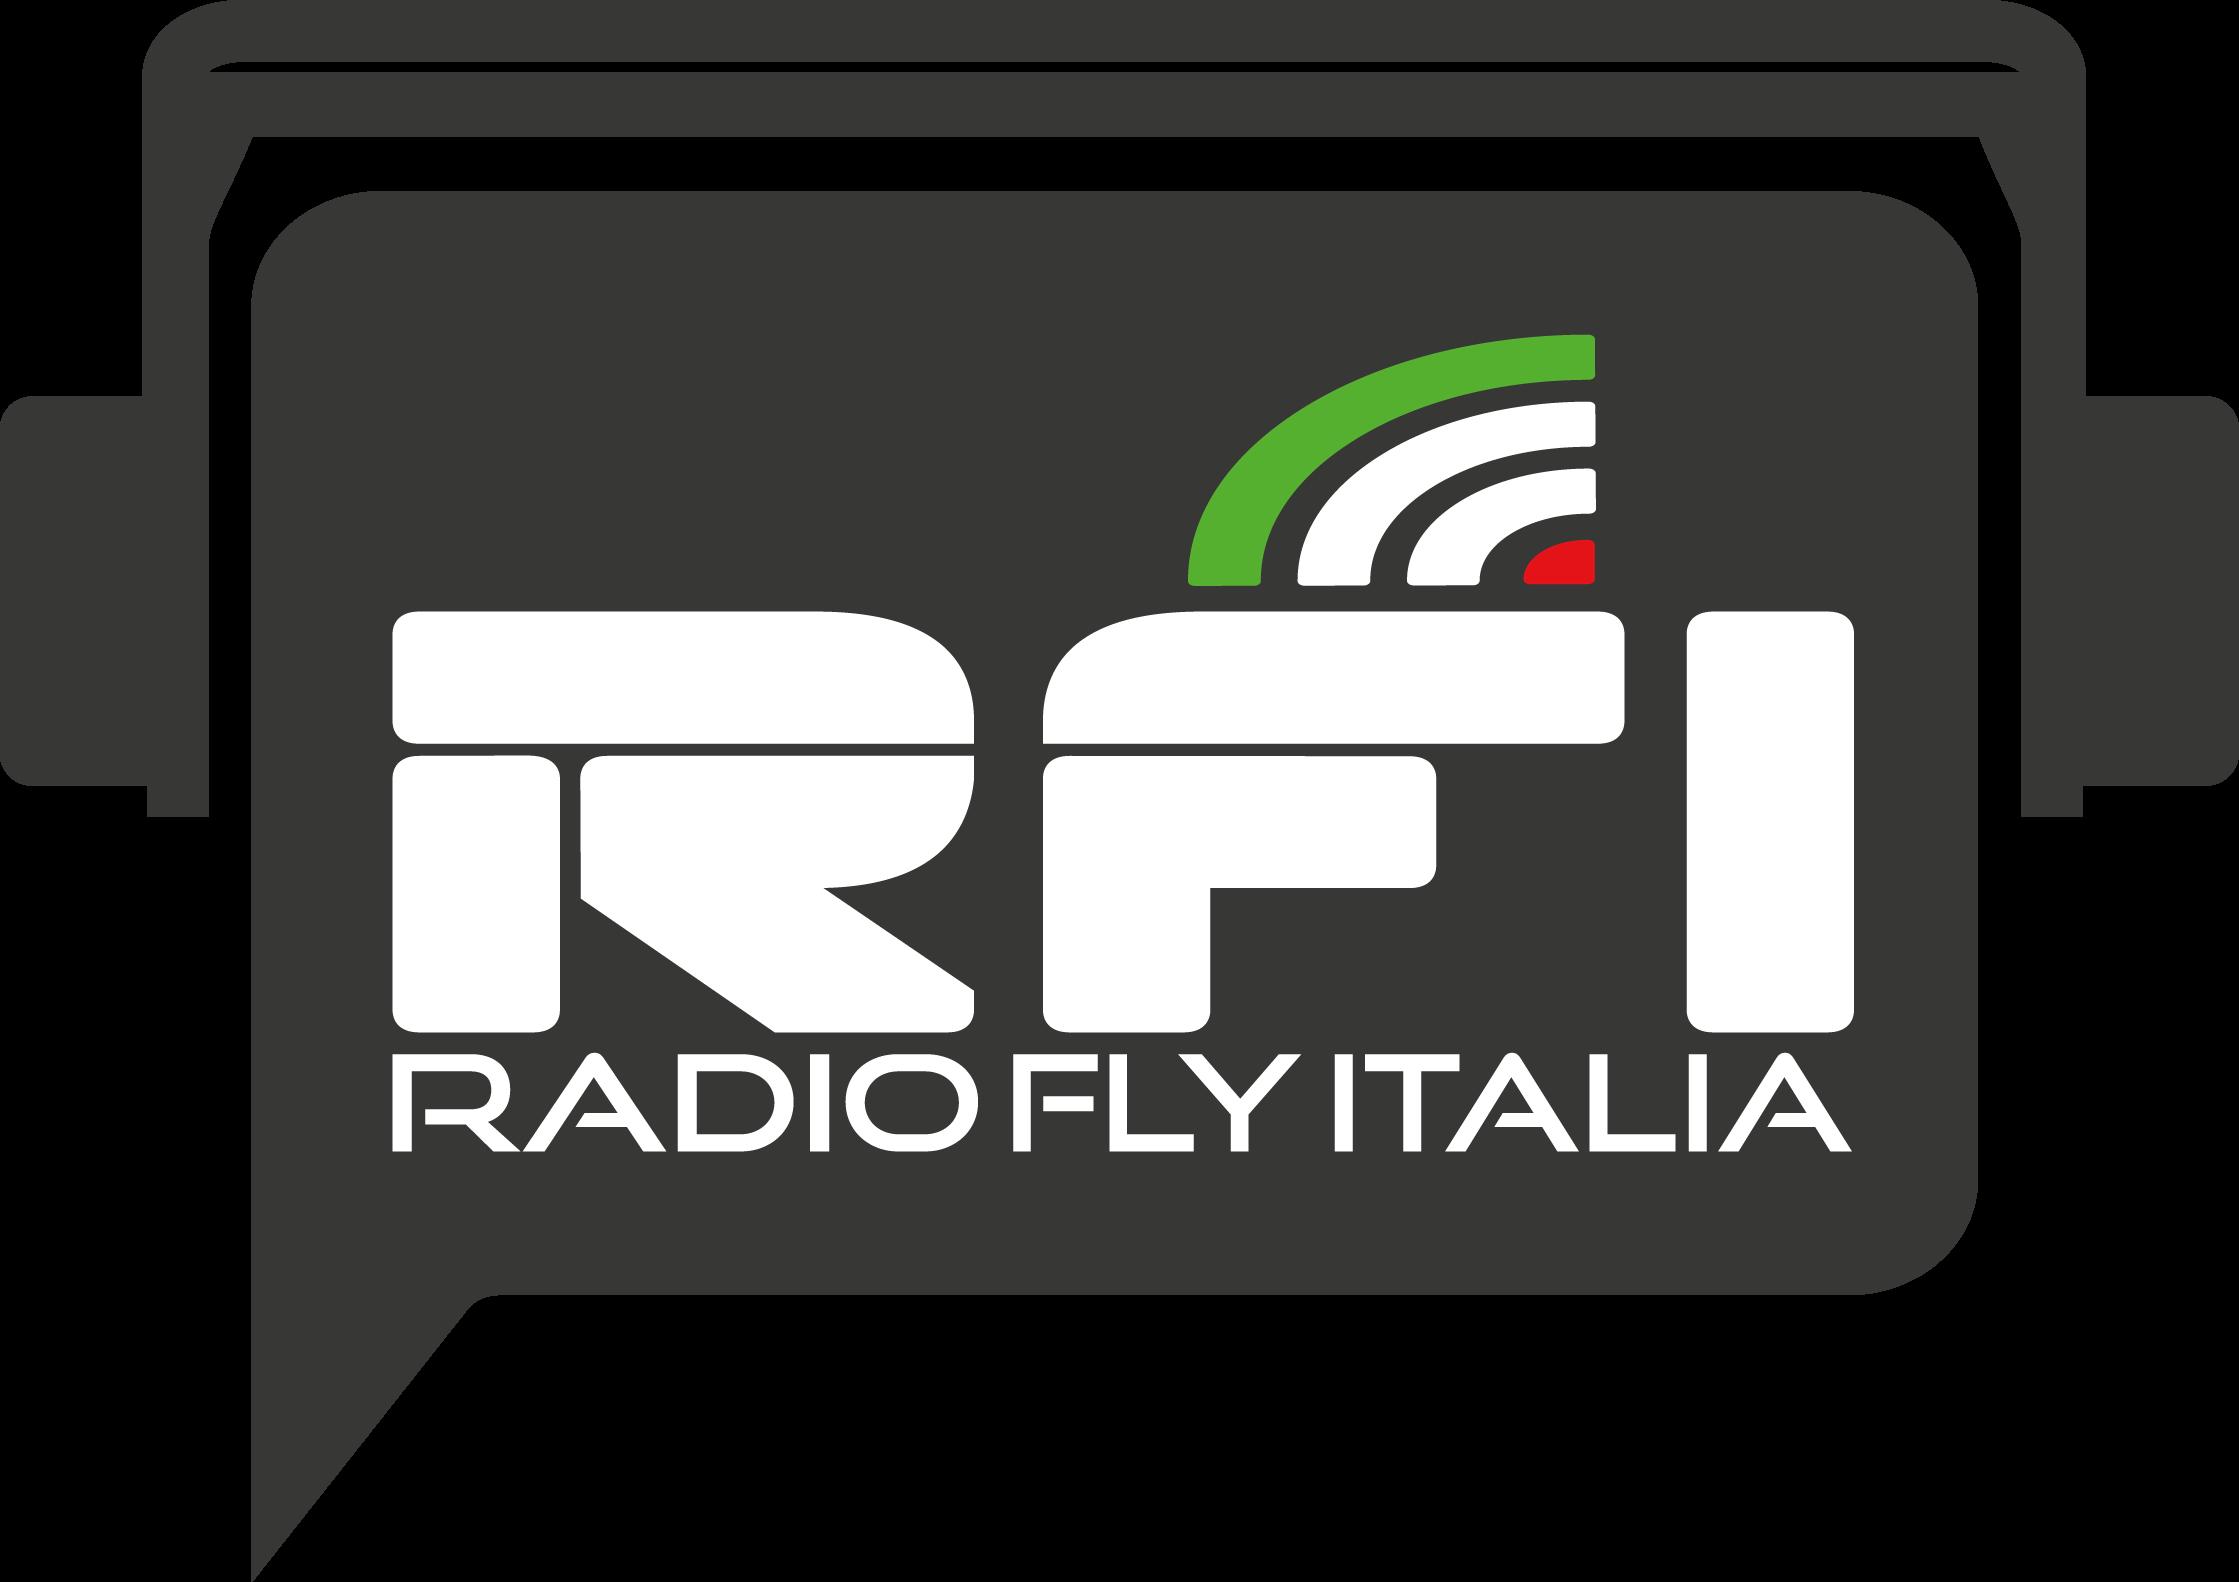 RADIO FLY ITALIA